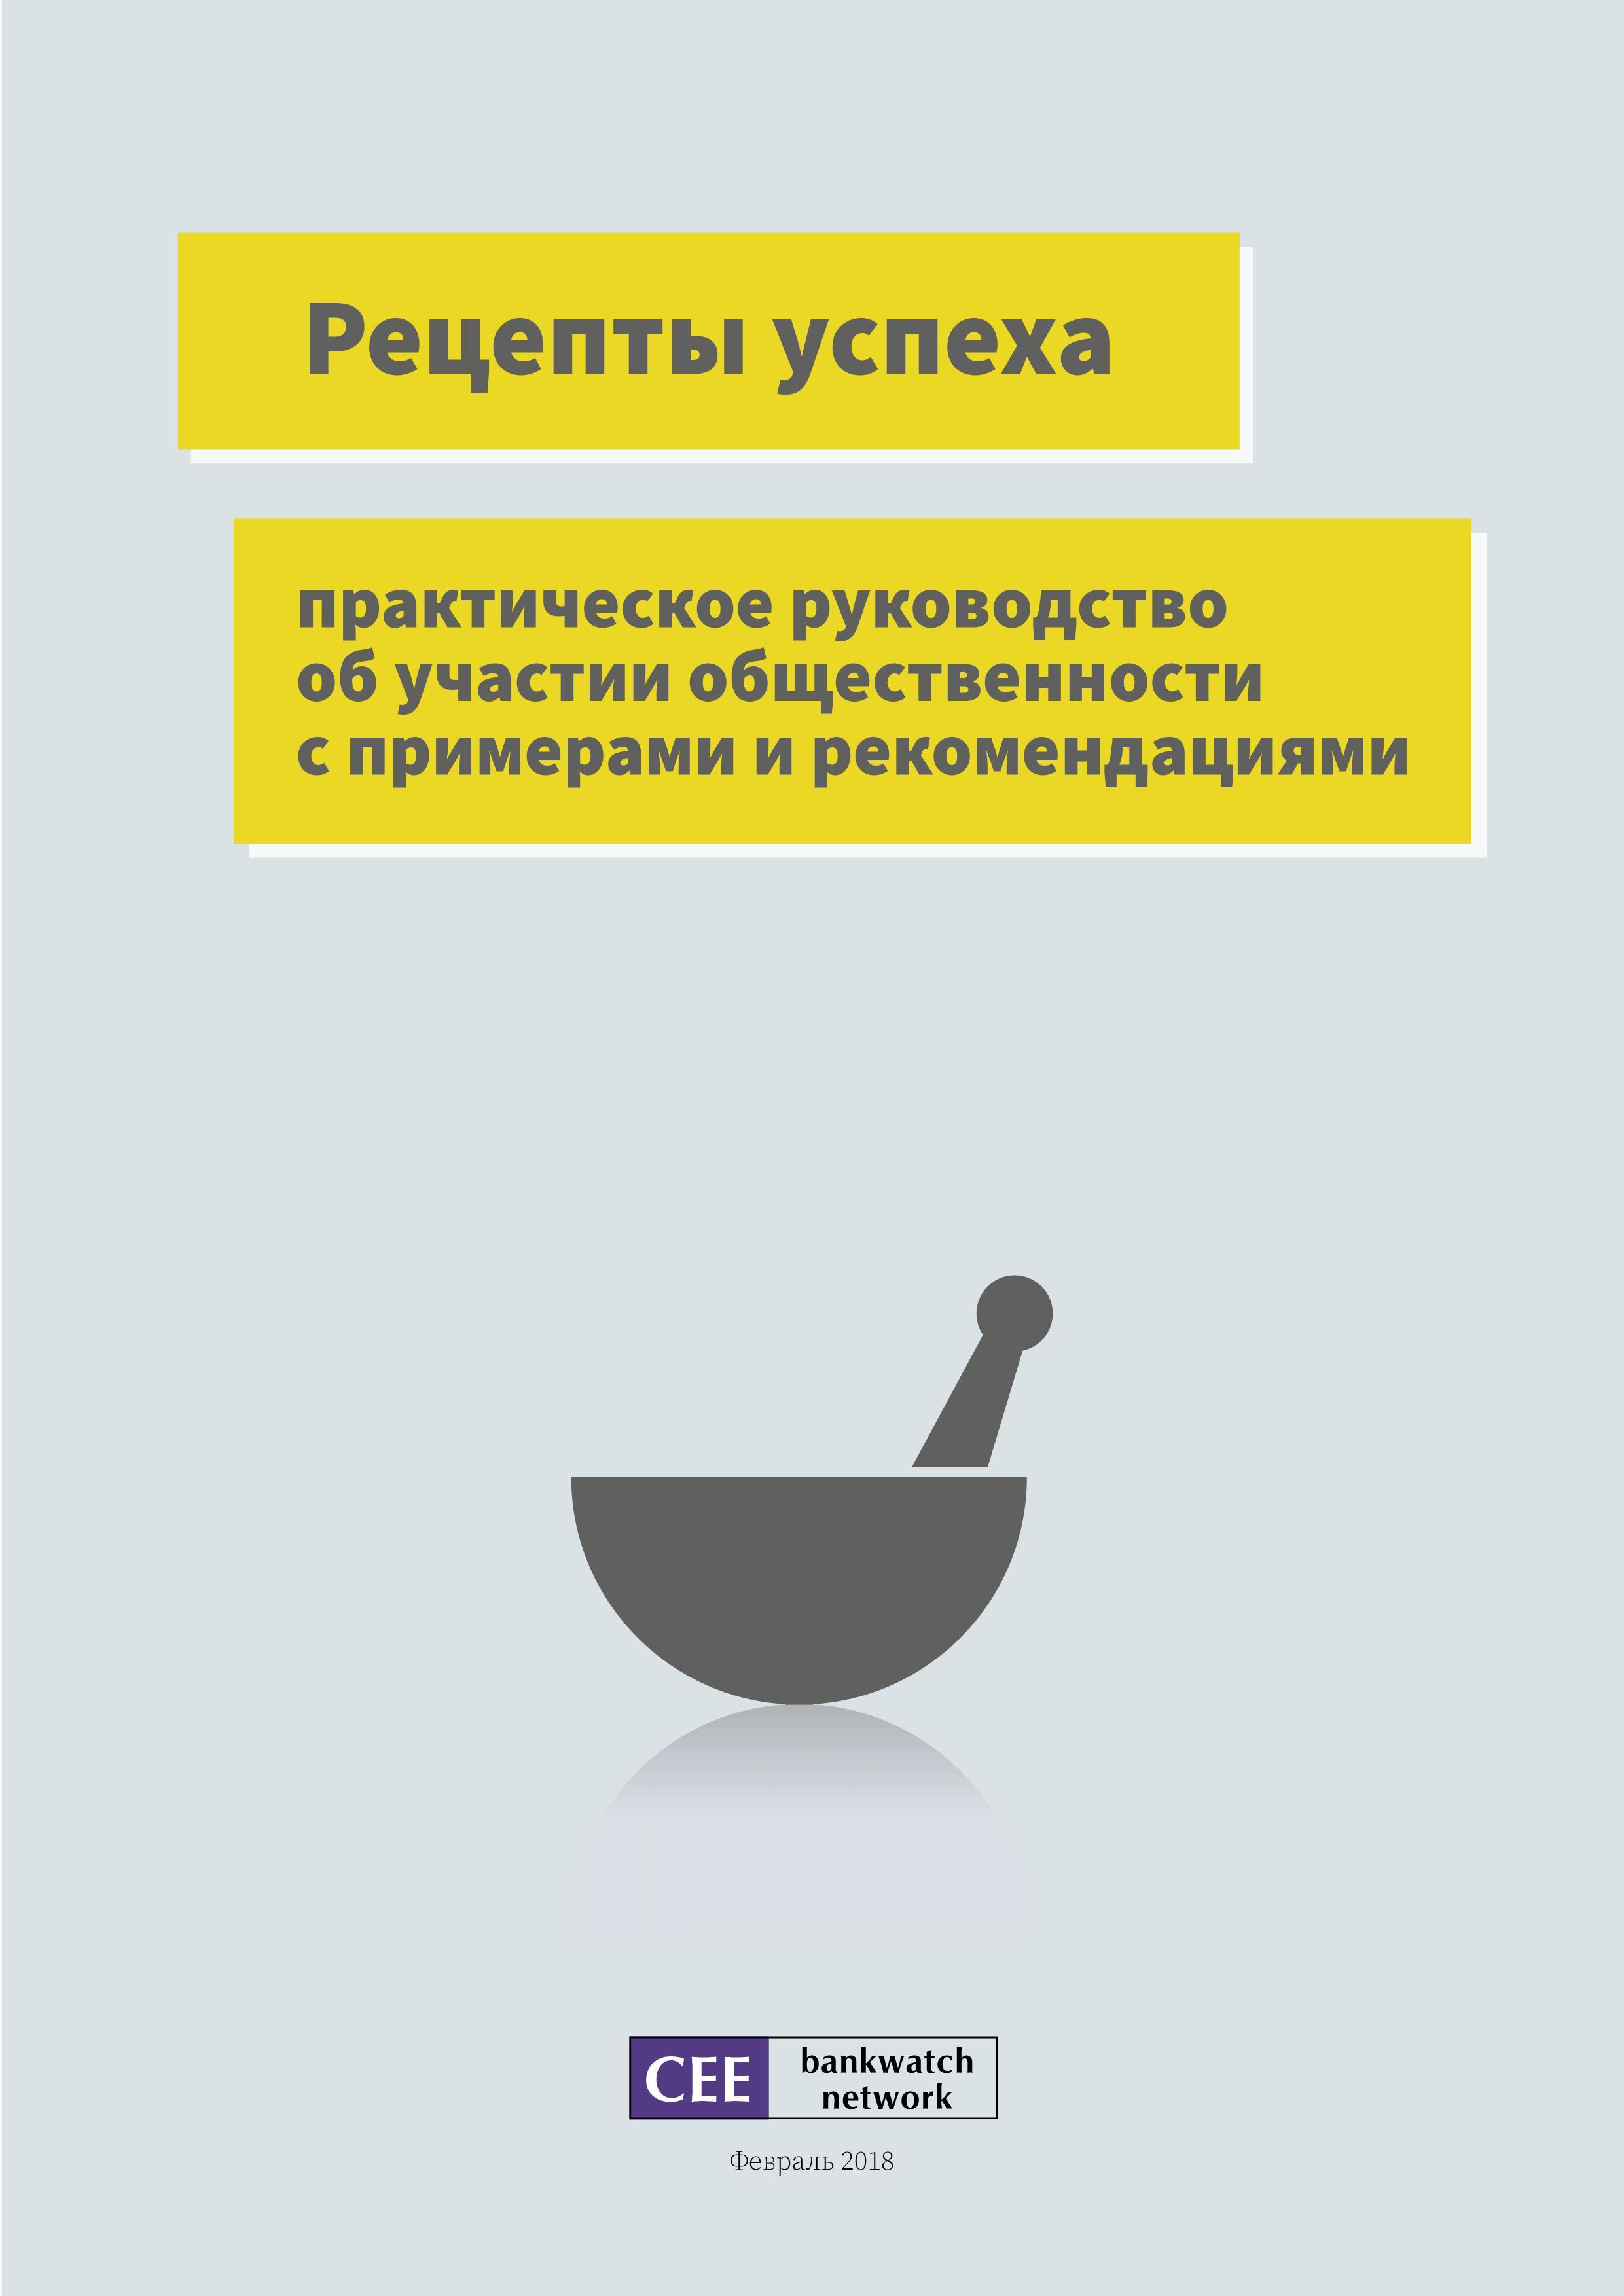 рецепты успеха по участию общественности